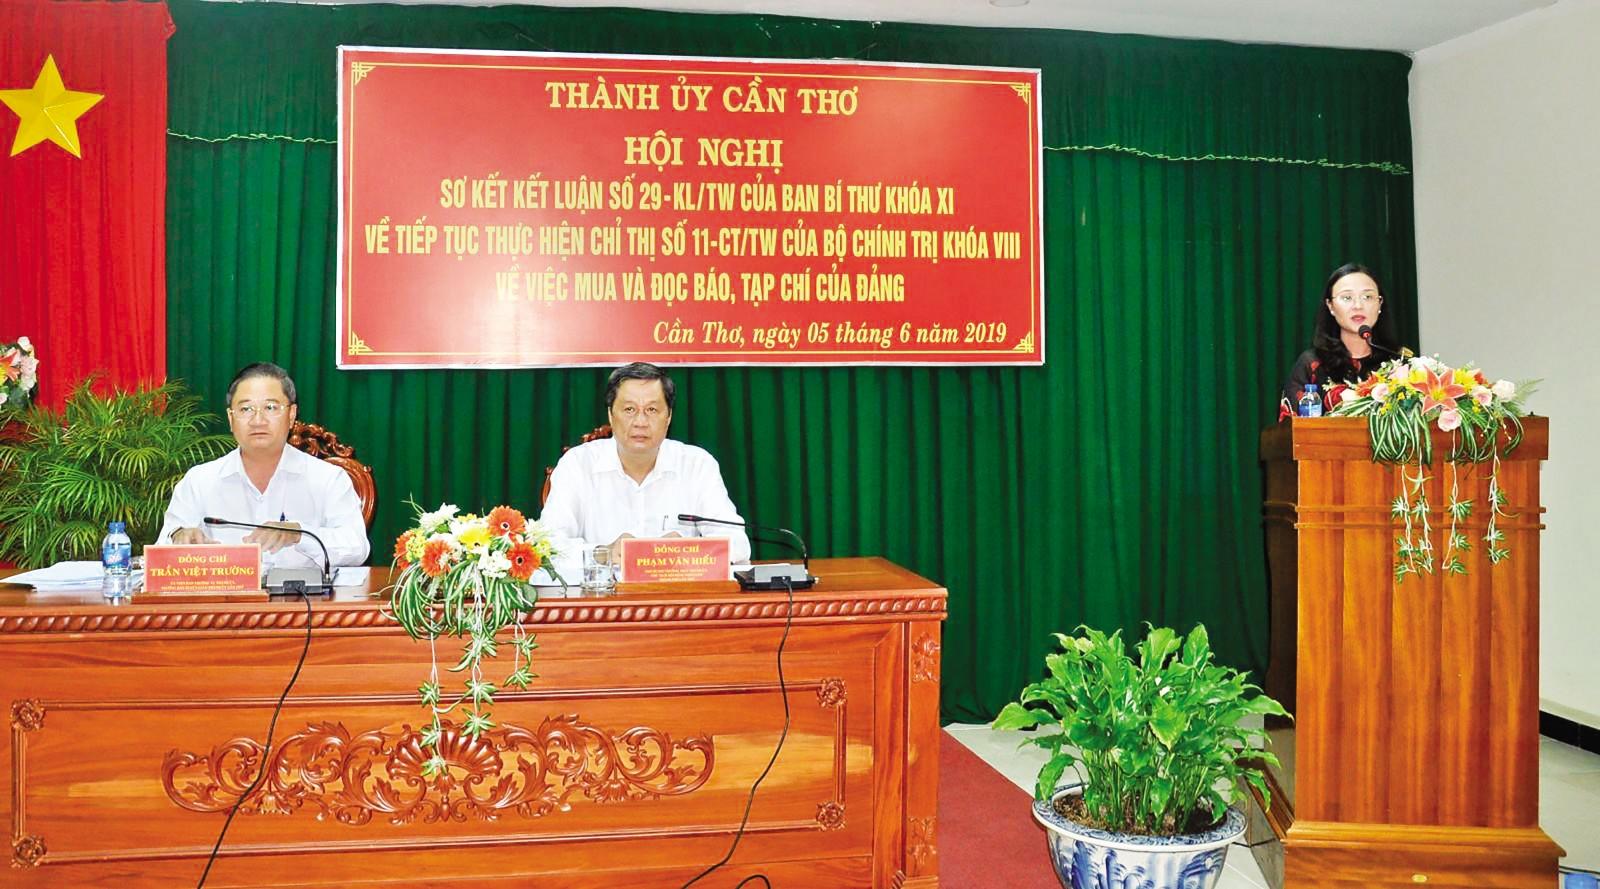 Các đồng chí Thường trực Thành ủy và Trưởng Ban Tuyên giáo Thành ủy chủ trì hội nghị. Ảnh: ANH DŨNG